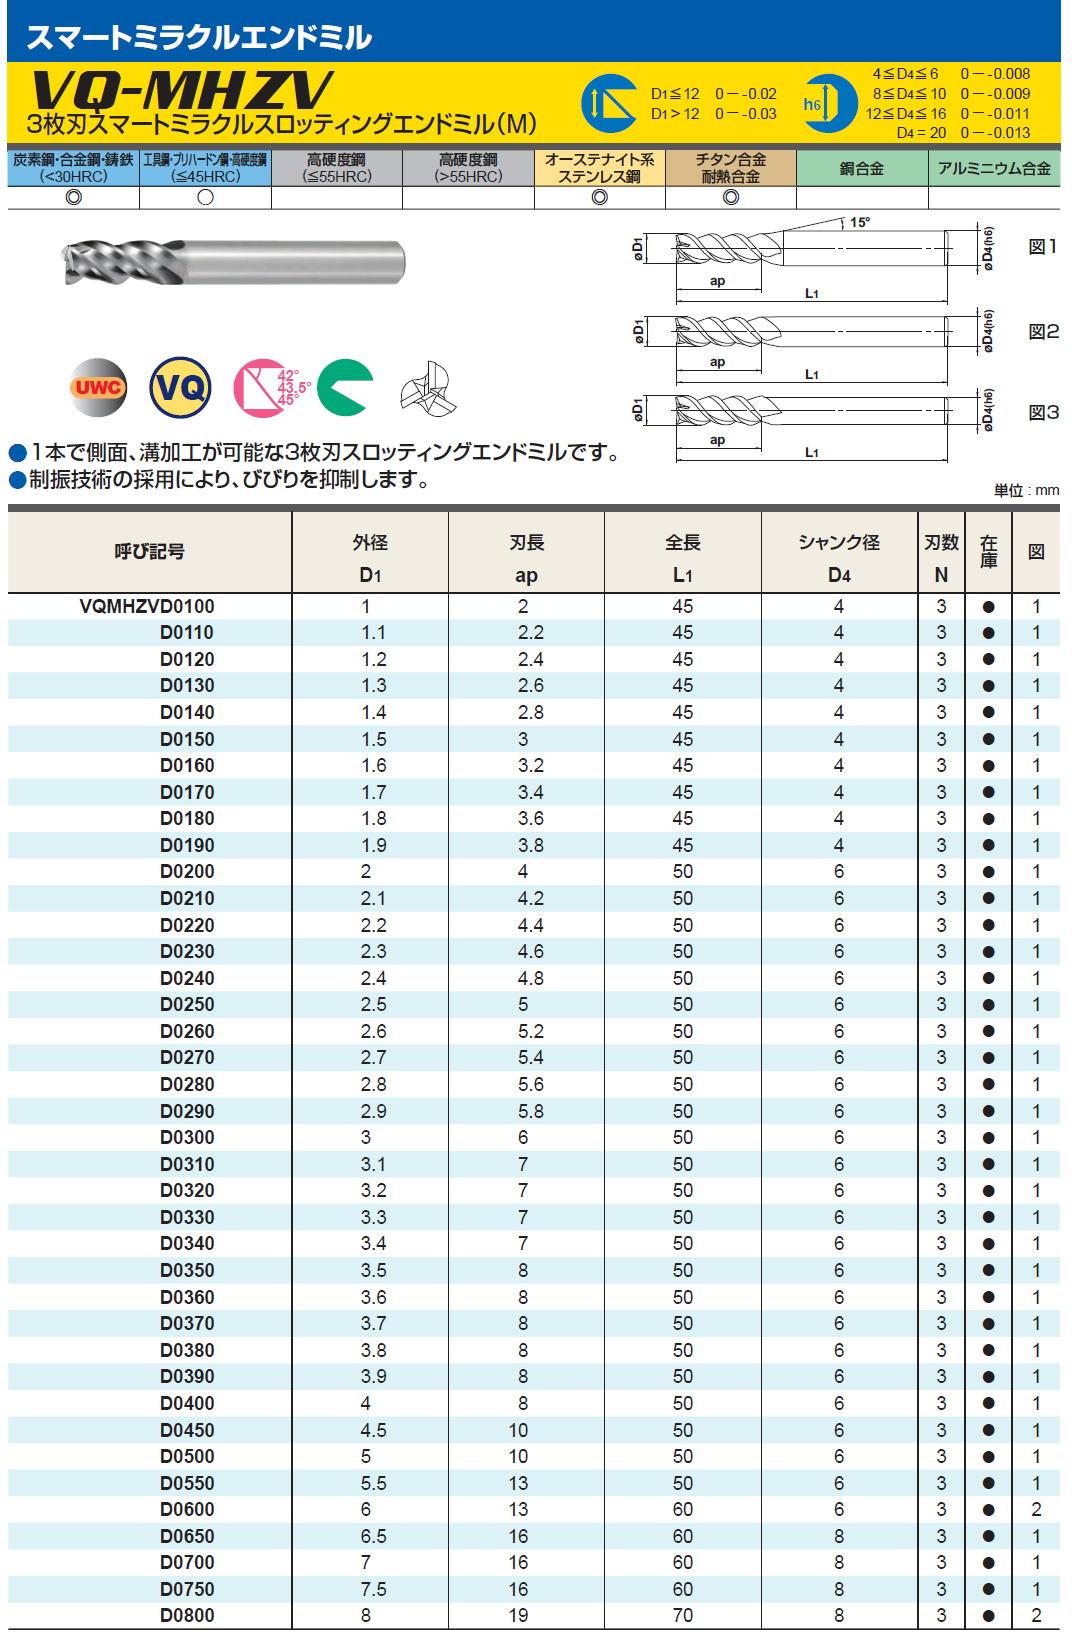 三菱マテリアルツールズ 3枚刃スマートミラクルスロッティングエンドミル(M)